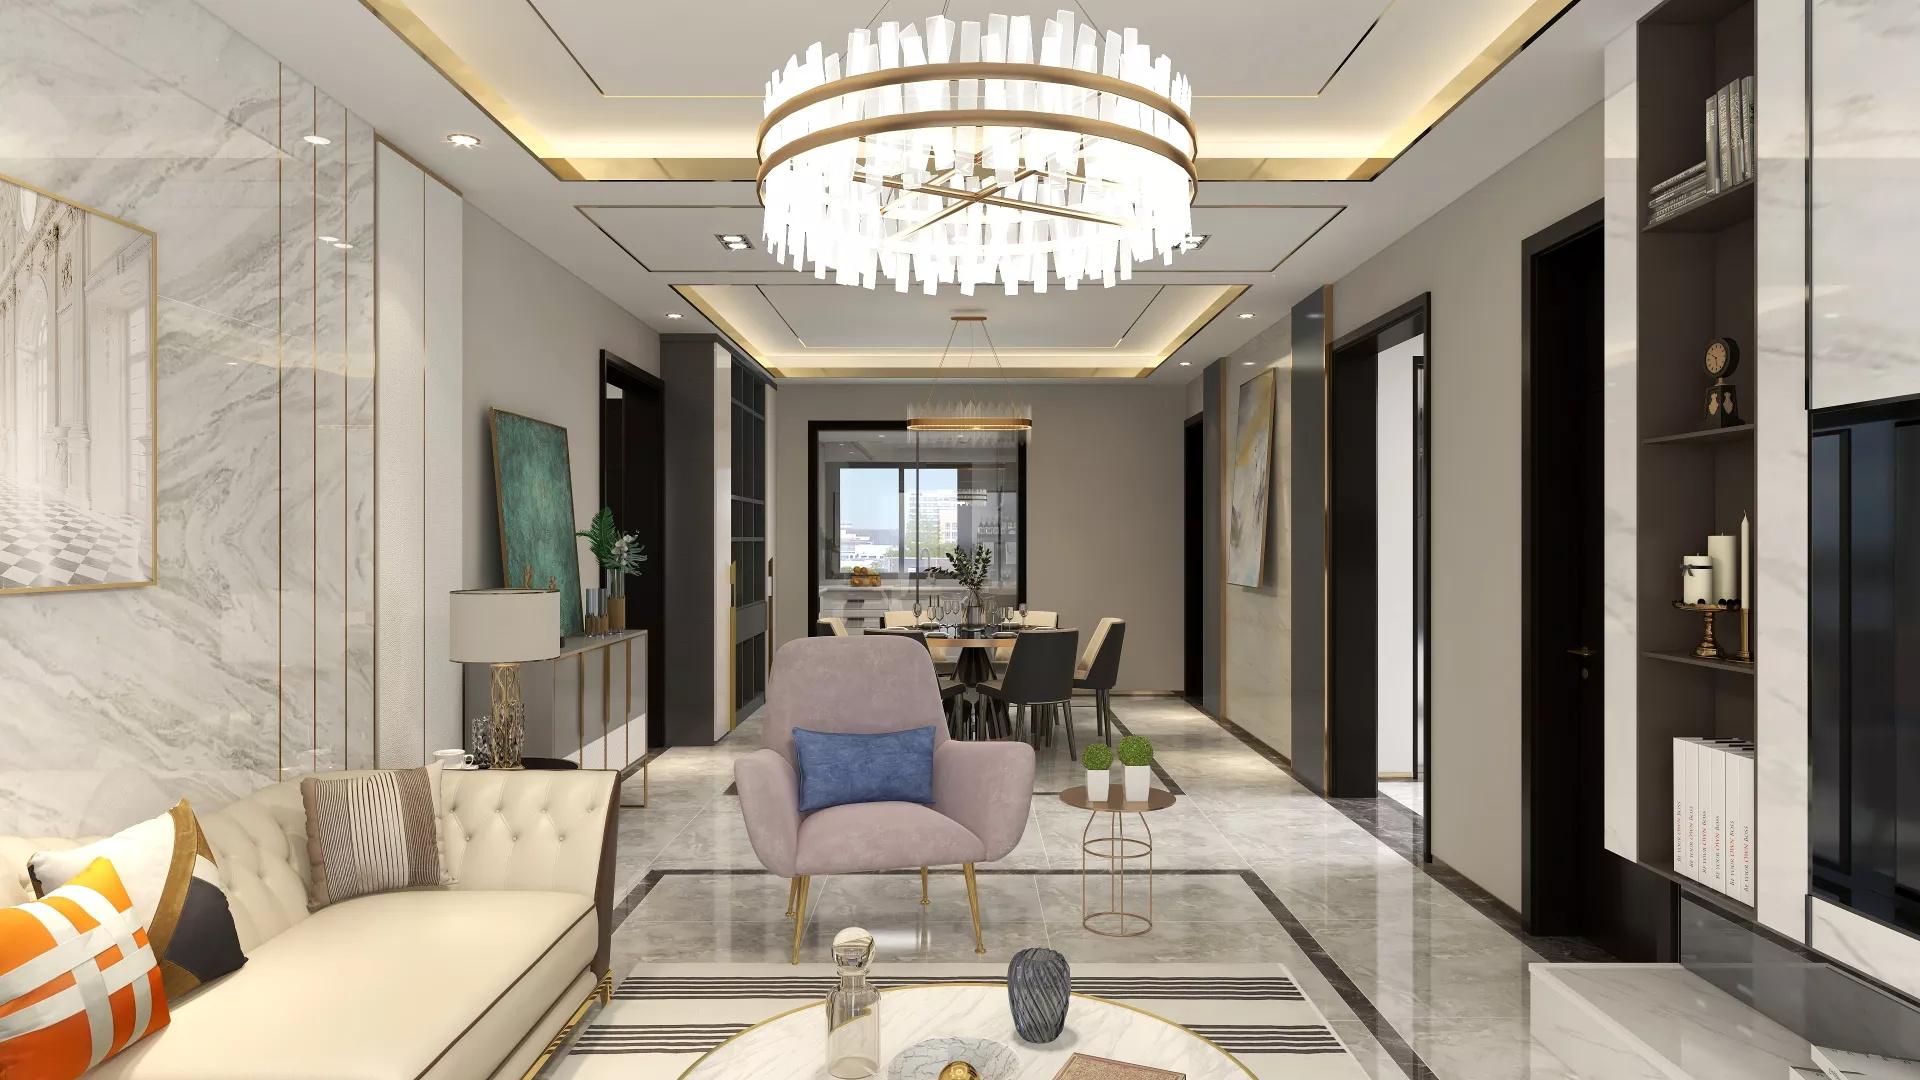 新中式艺术风格层次感强的客厅设计效果图